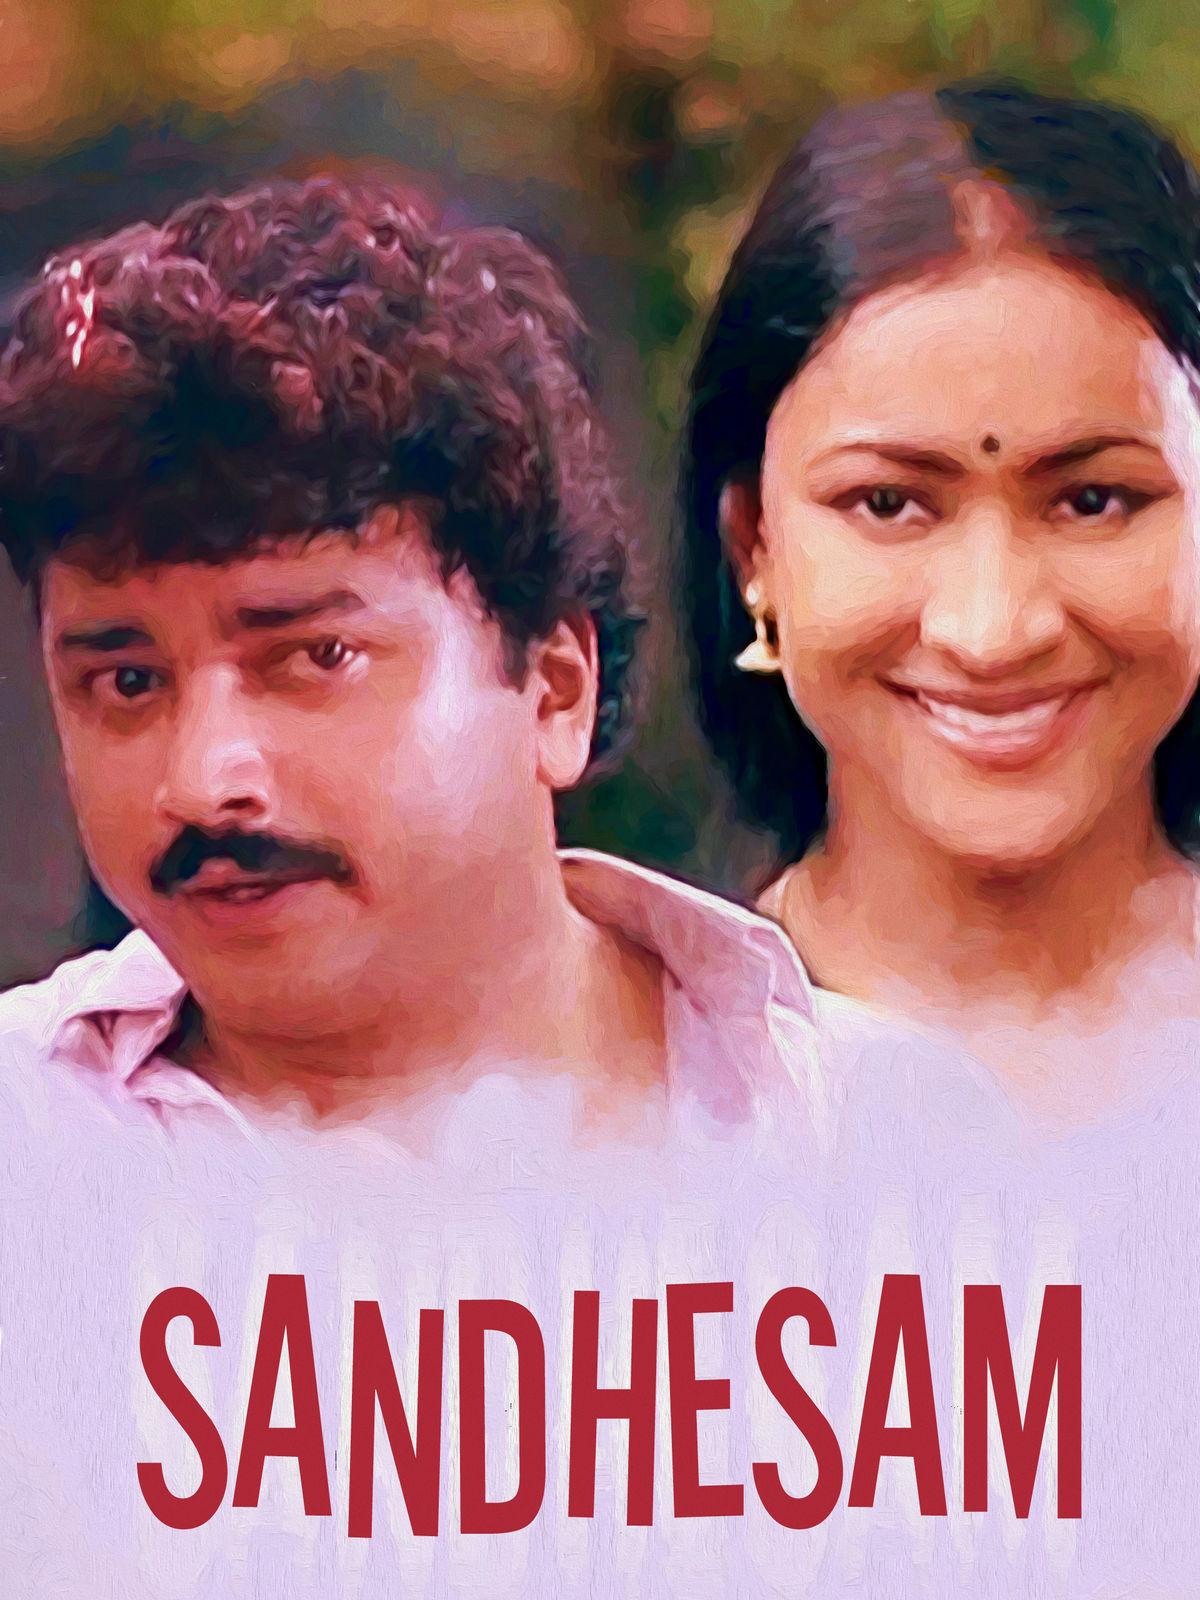 Sandhesam